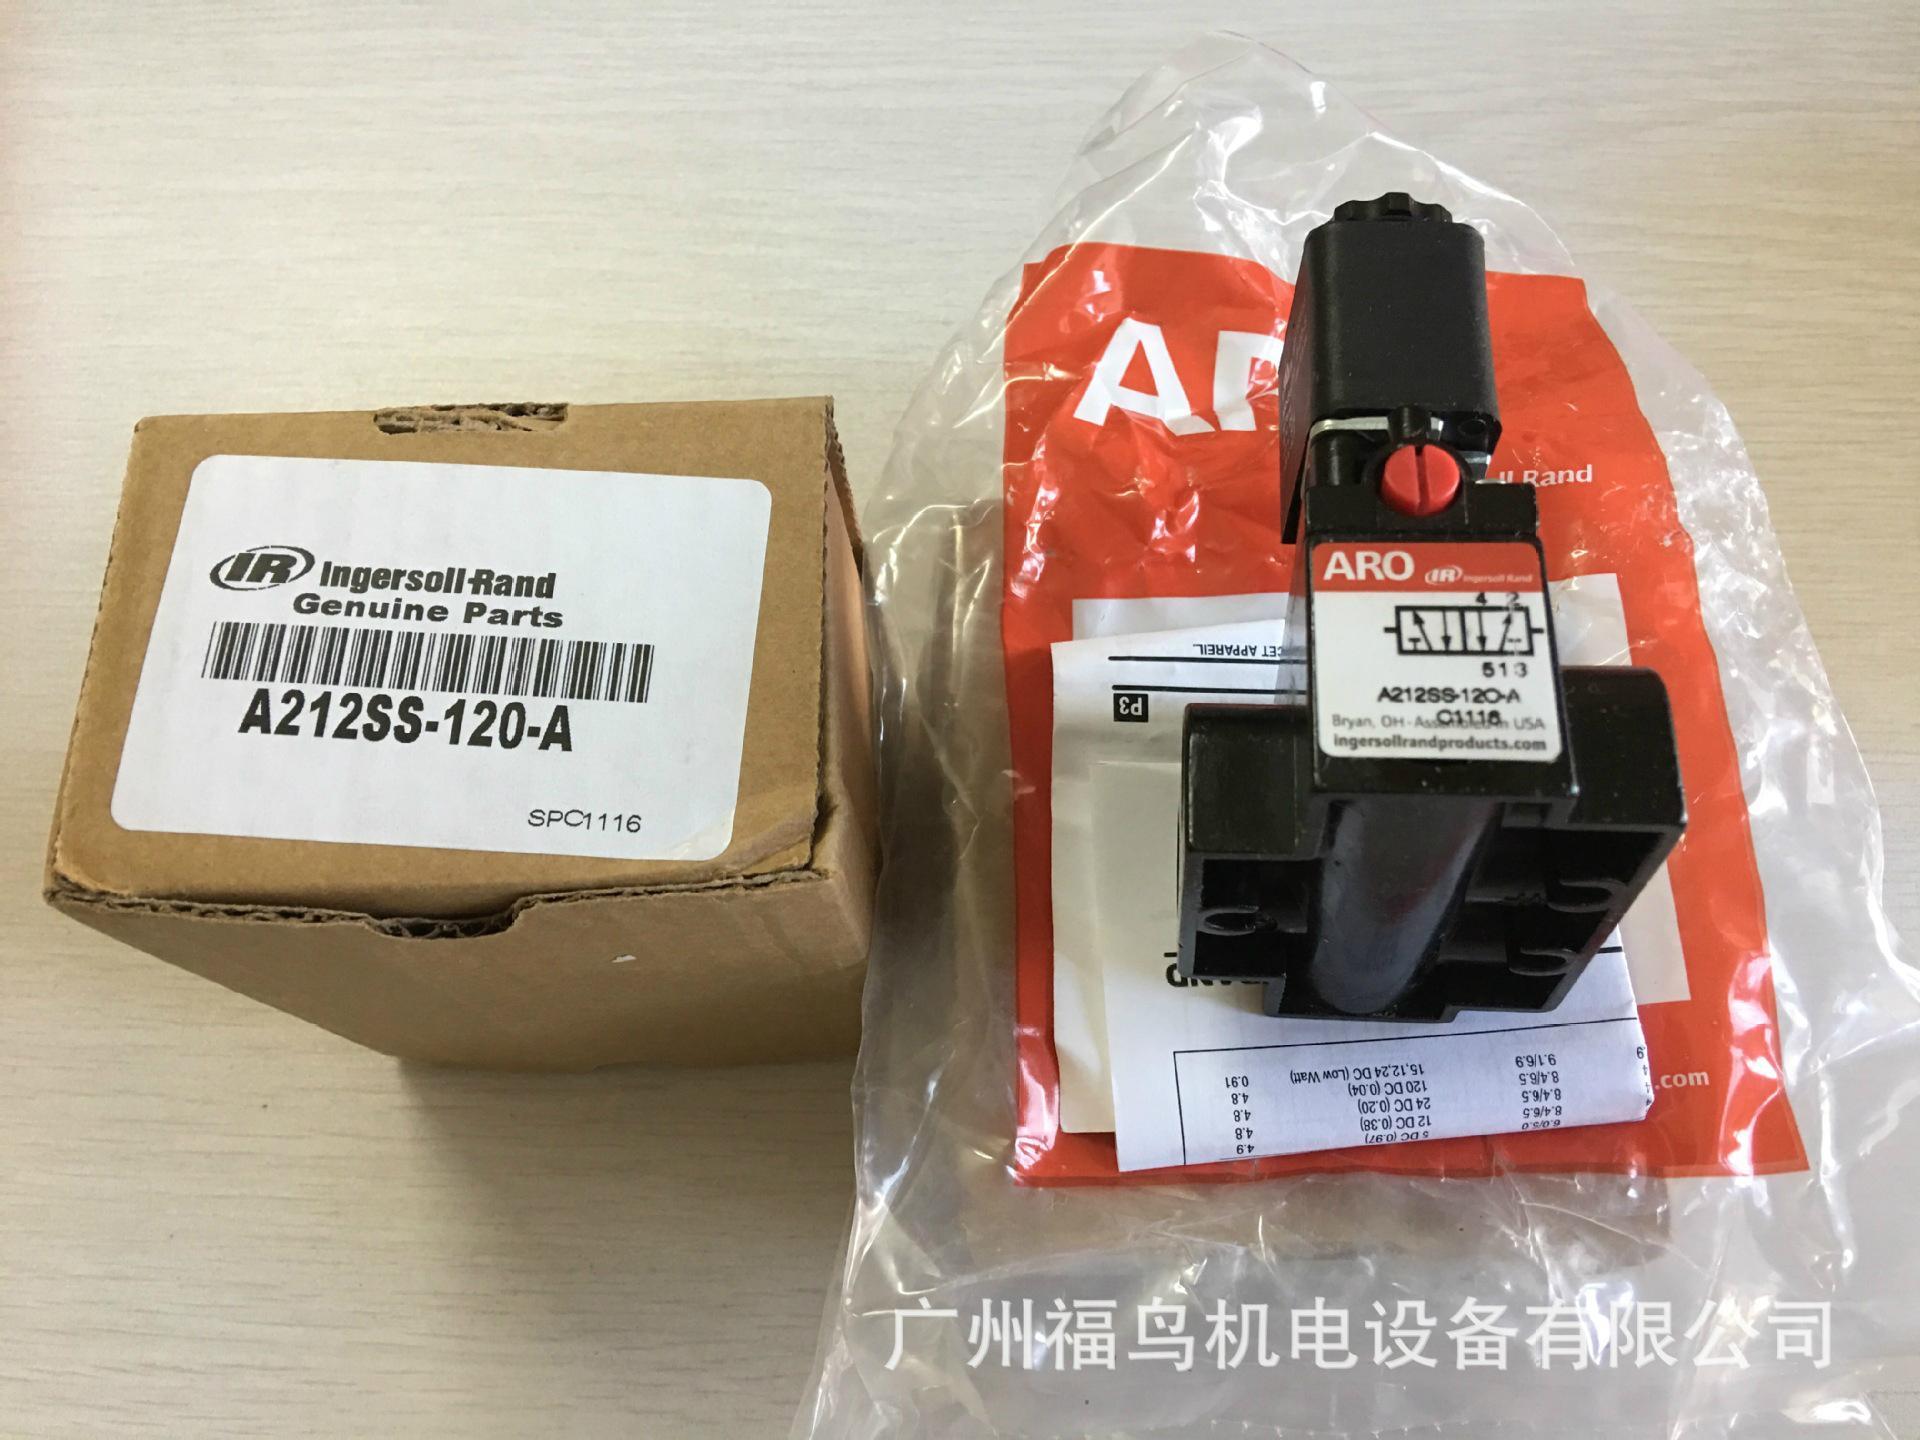 现货供应ARO Ingersoll Rand电磁阀(A212SS-120-A) 10